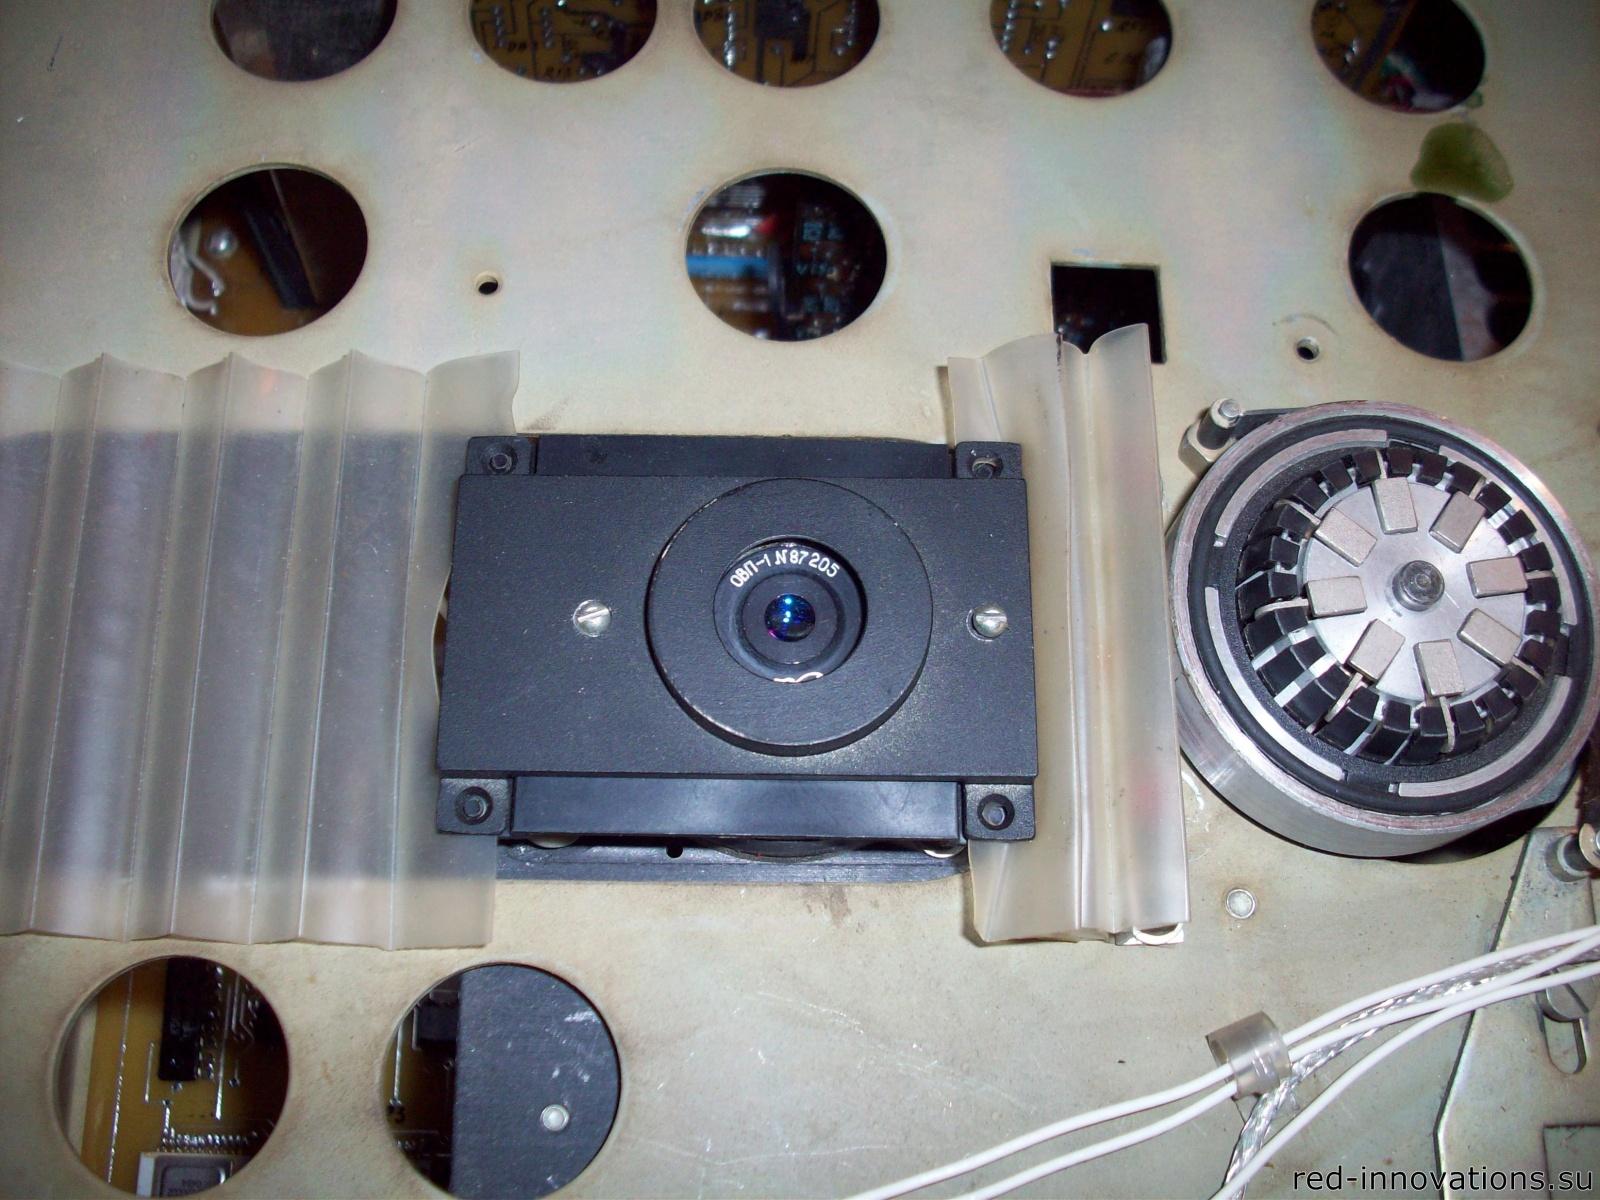 Советский HI-FI и его создатели: лазерные видеодиски в СССР - 11